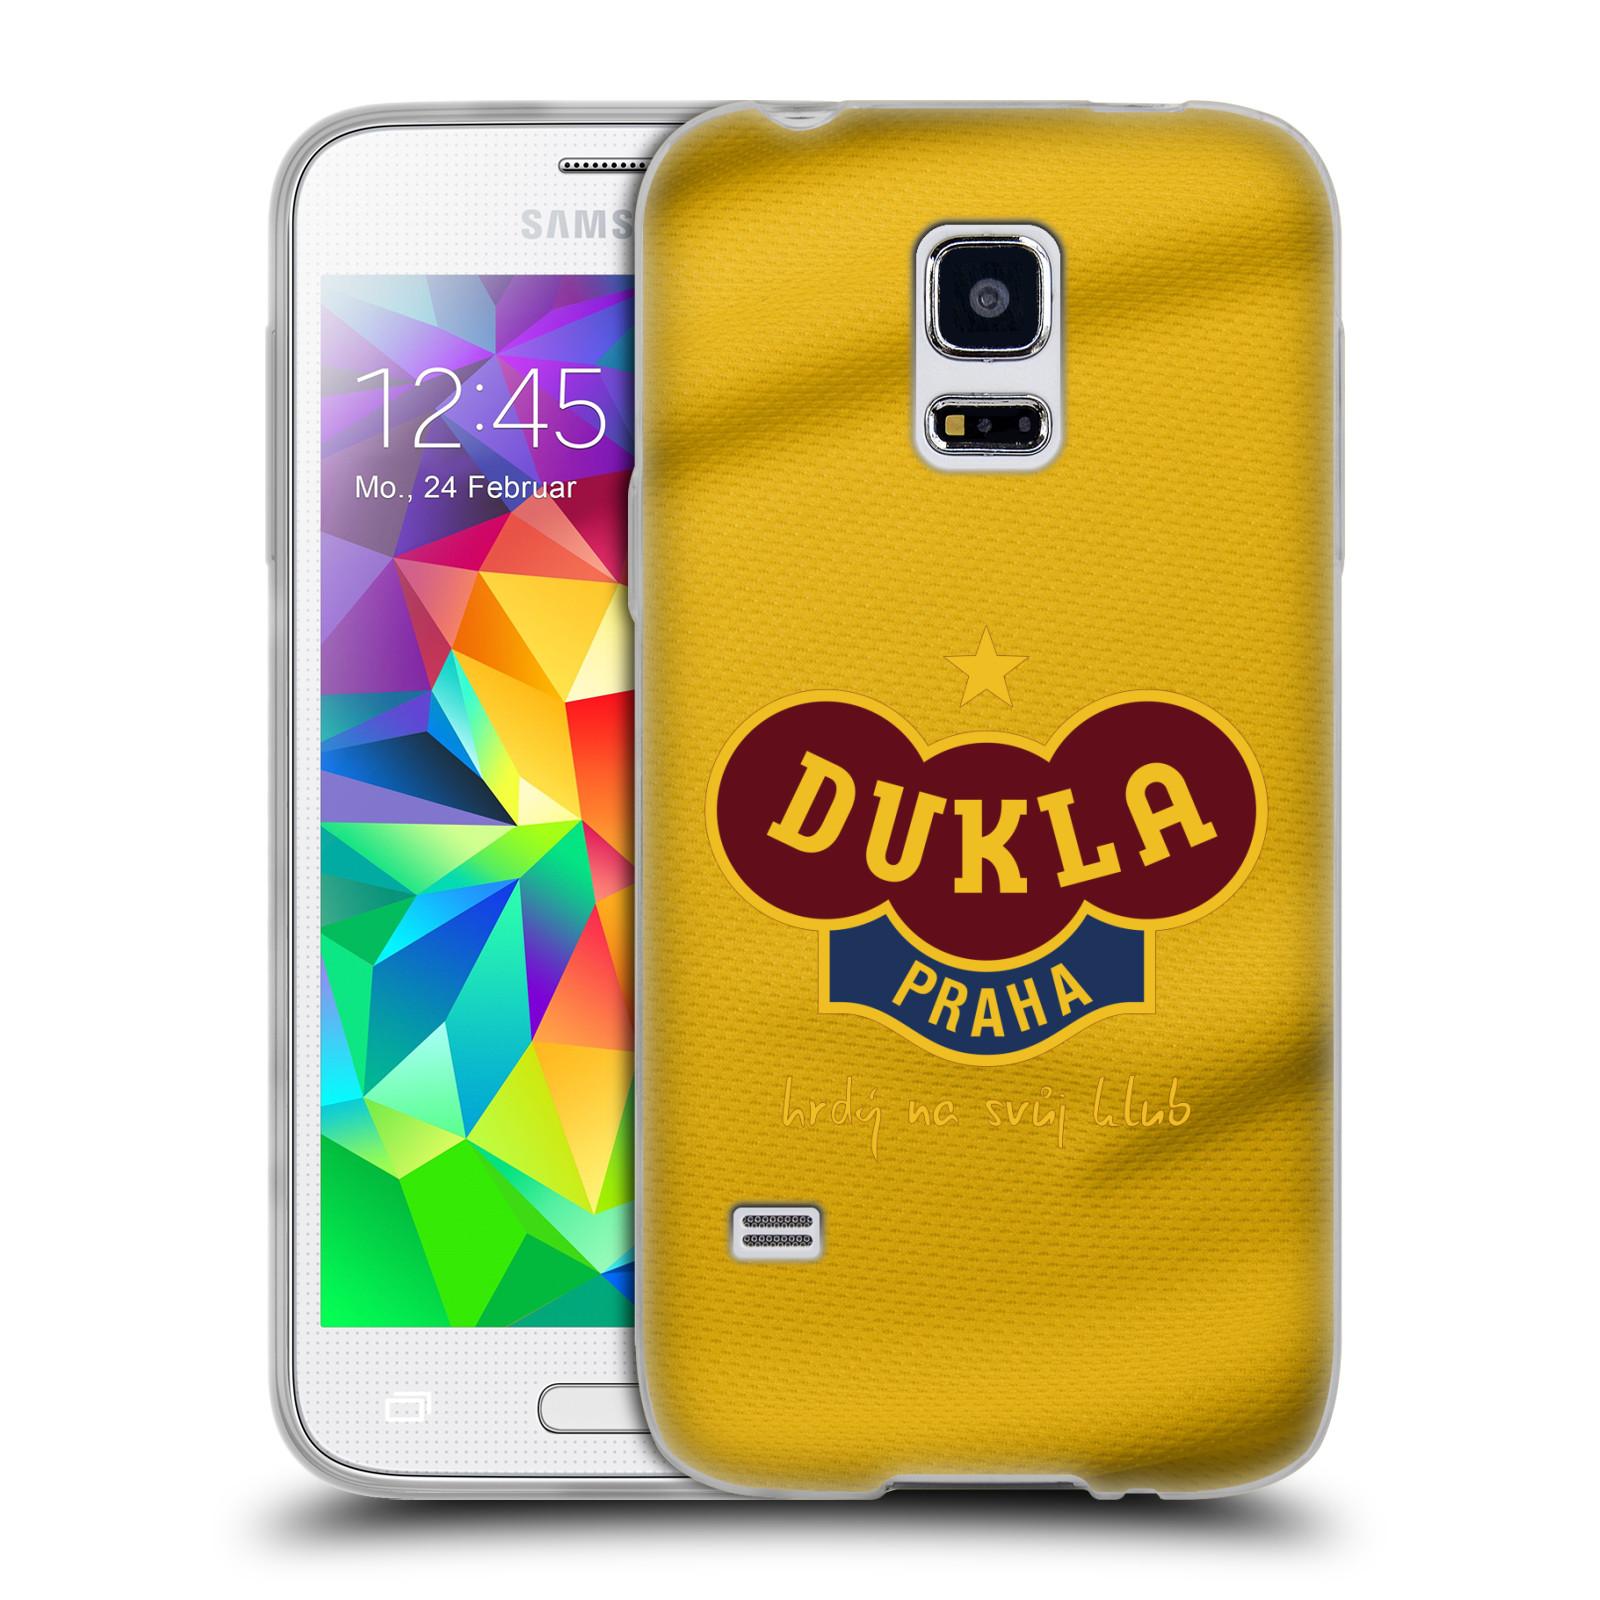 Silikonové pouzdro na mobil Samsung Galaxy S5 Mini - FK Dukla Praha - Žlutý dres